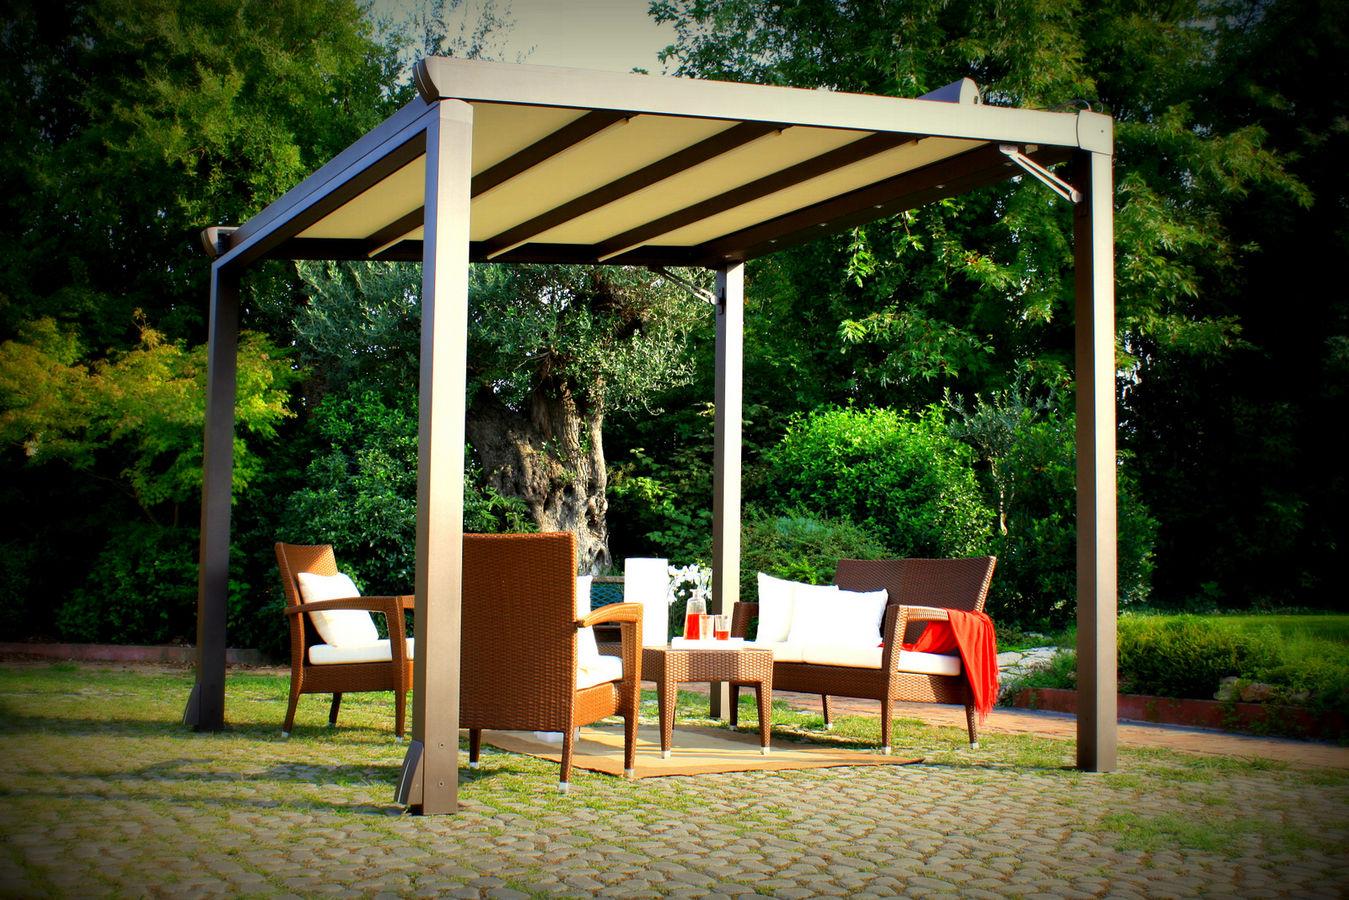 L 39 am nagement paysager gazebo pergolas ou patio for Amenagement espace exterieur